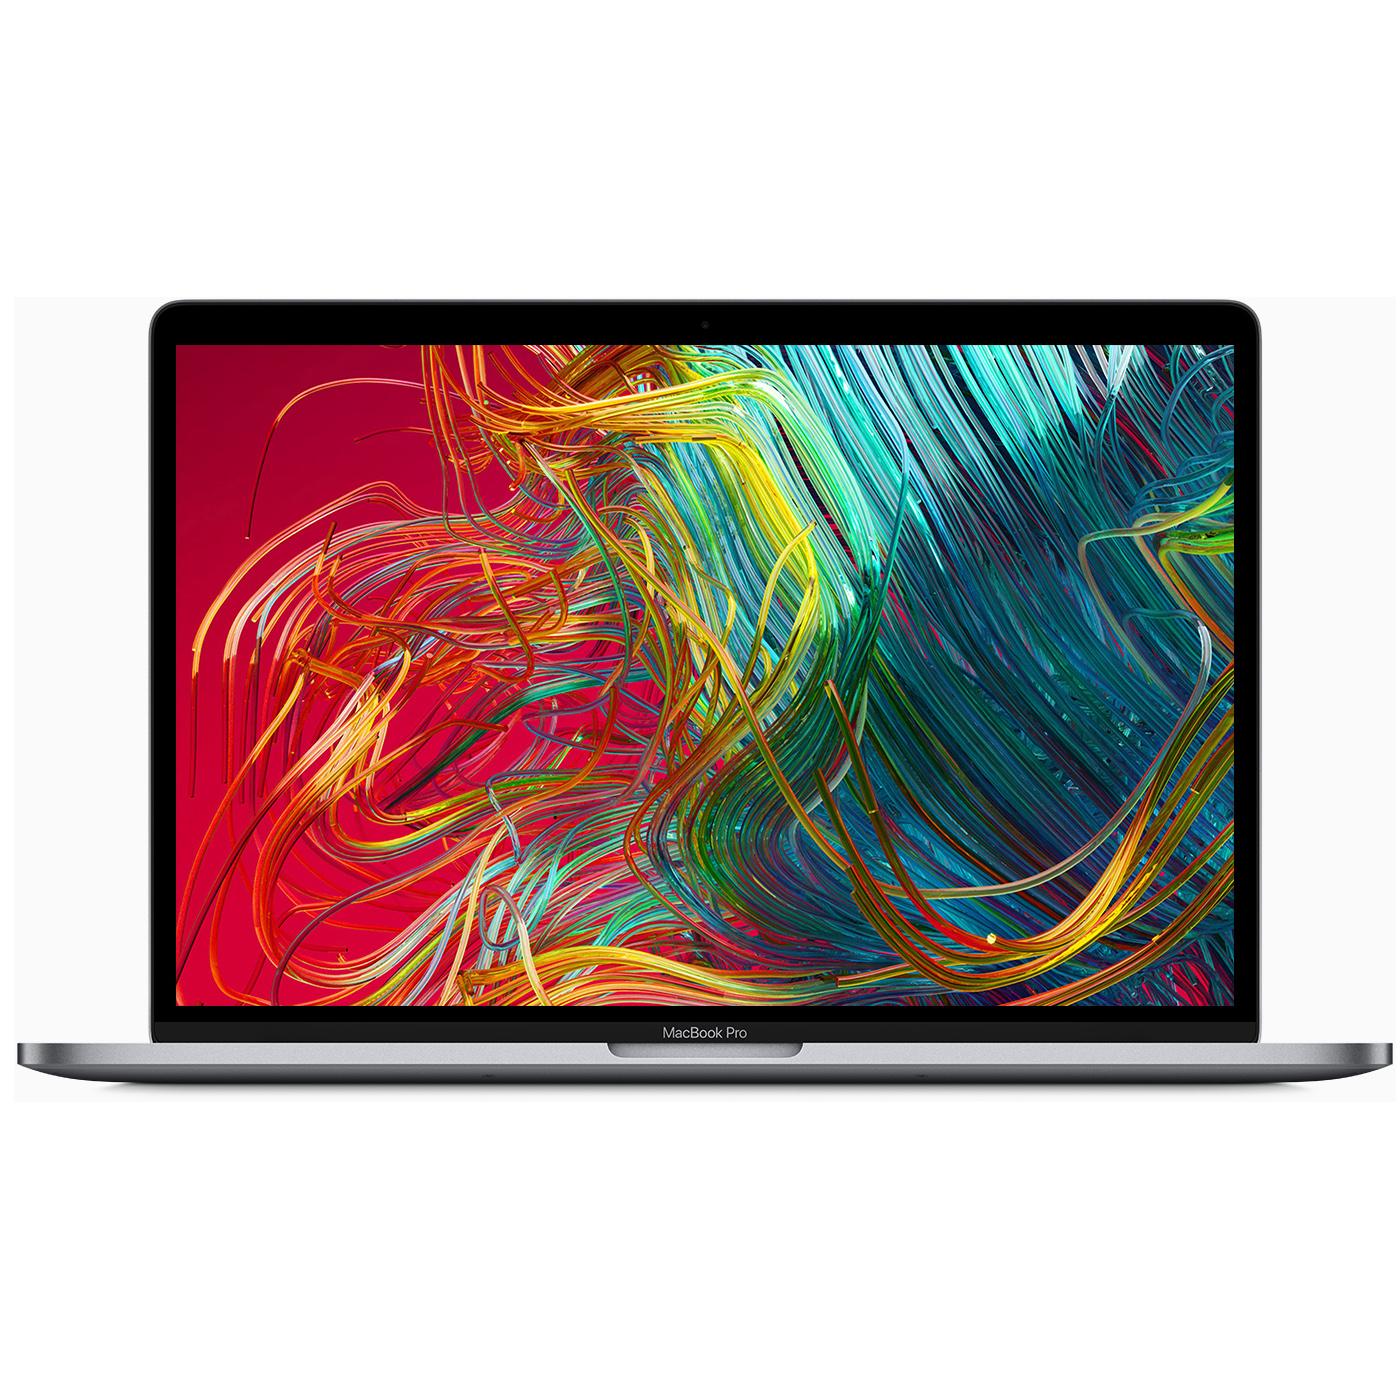 MV912- Macbook Pro 15 inch 2019/ 8 Core/ I9/ 32GB/ 1TB/ Pro 560X 4GB